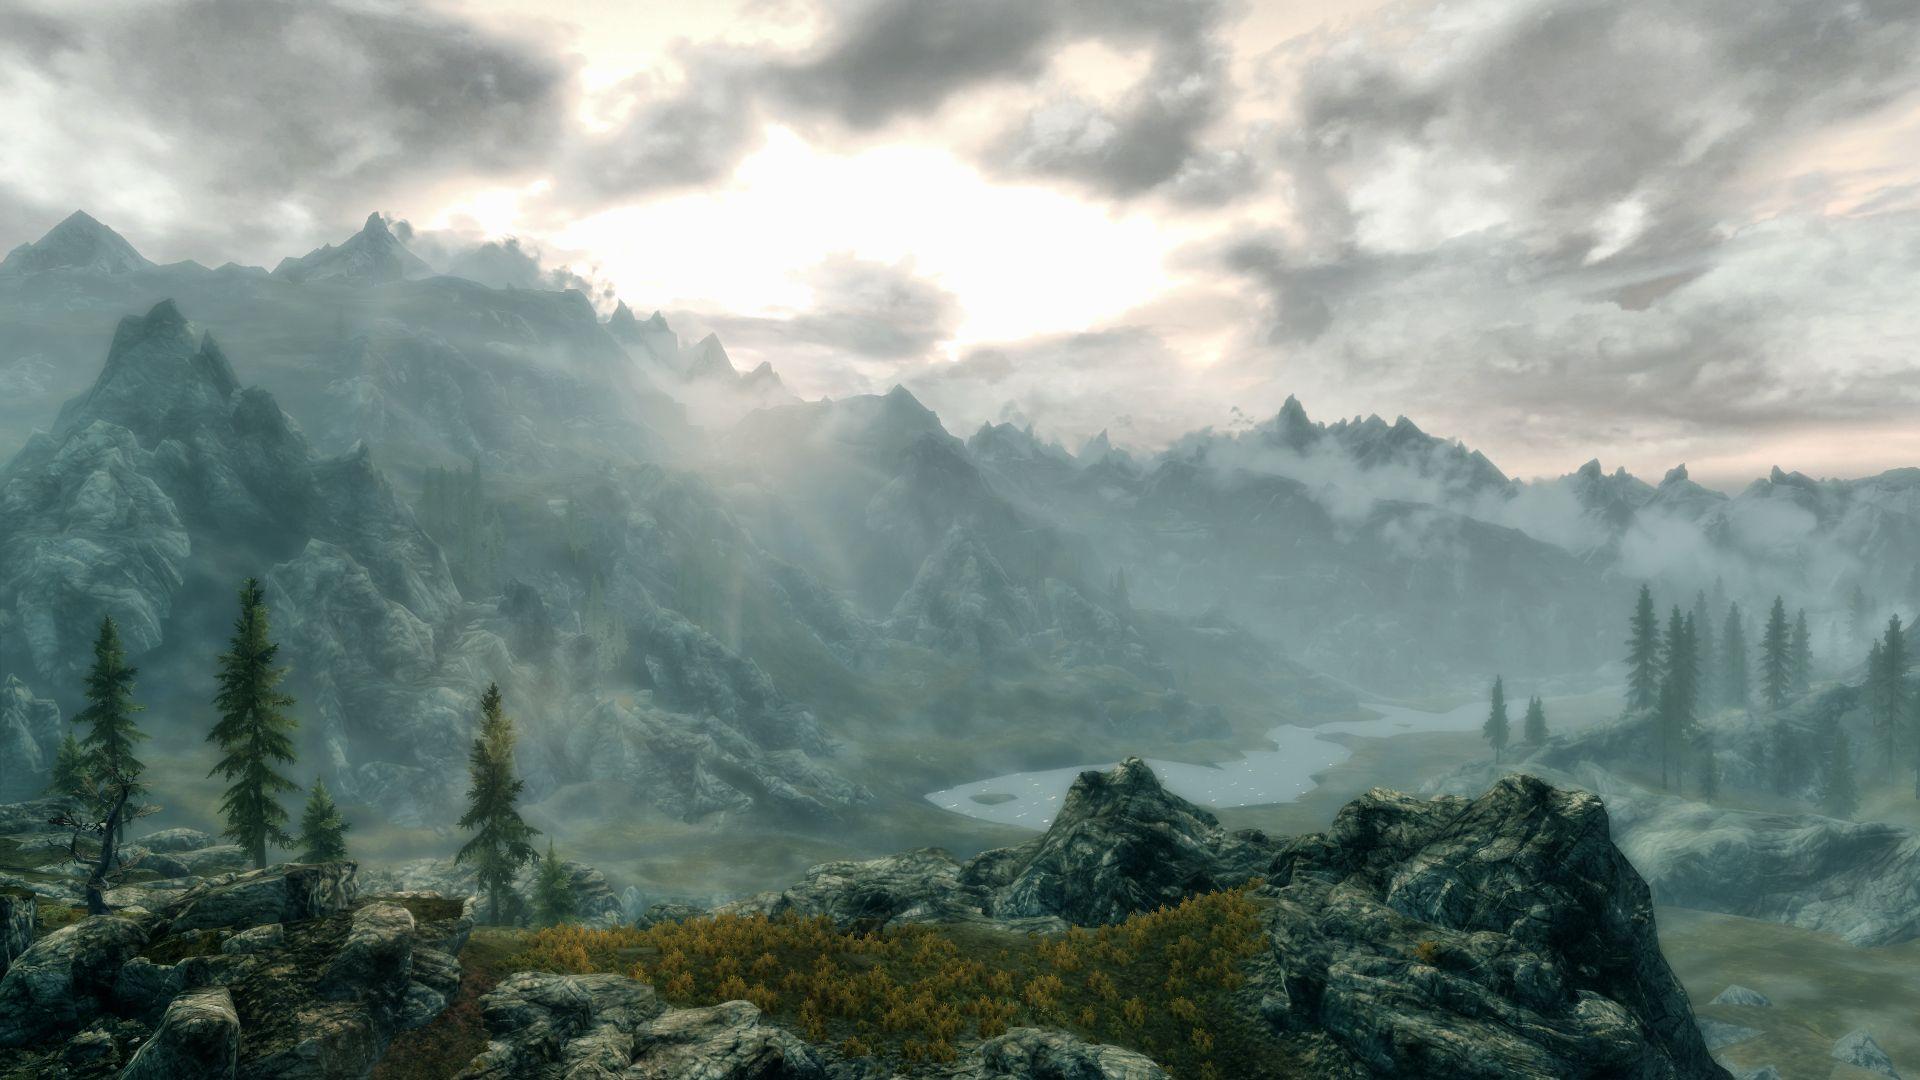 Epic Landscape